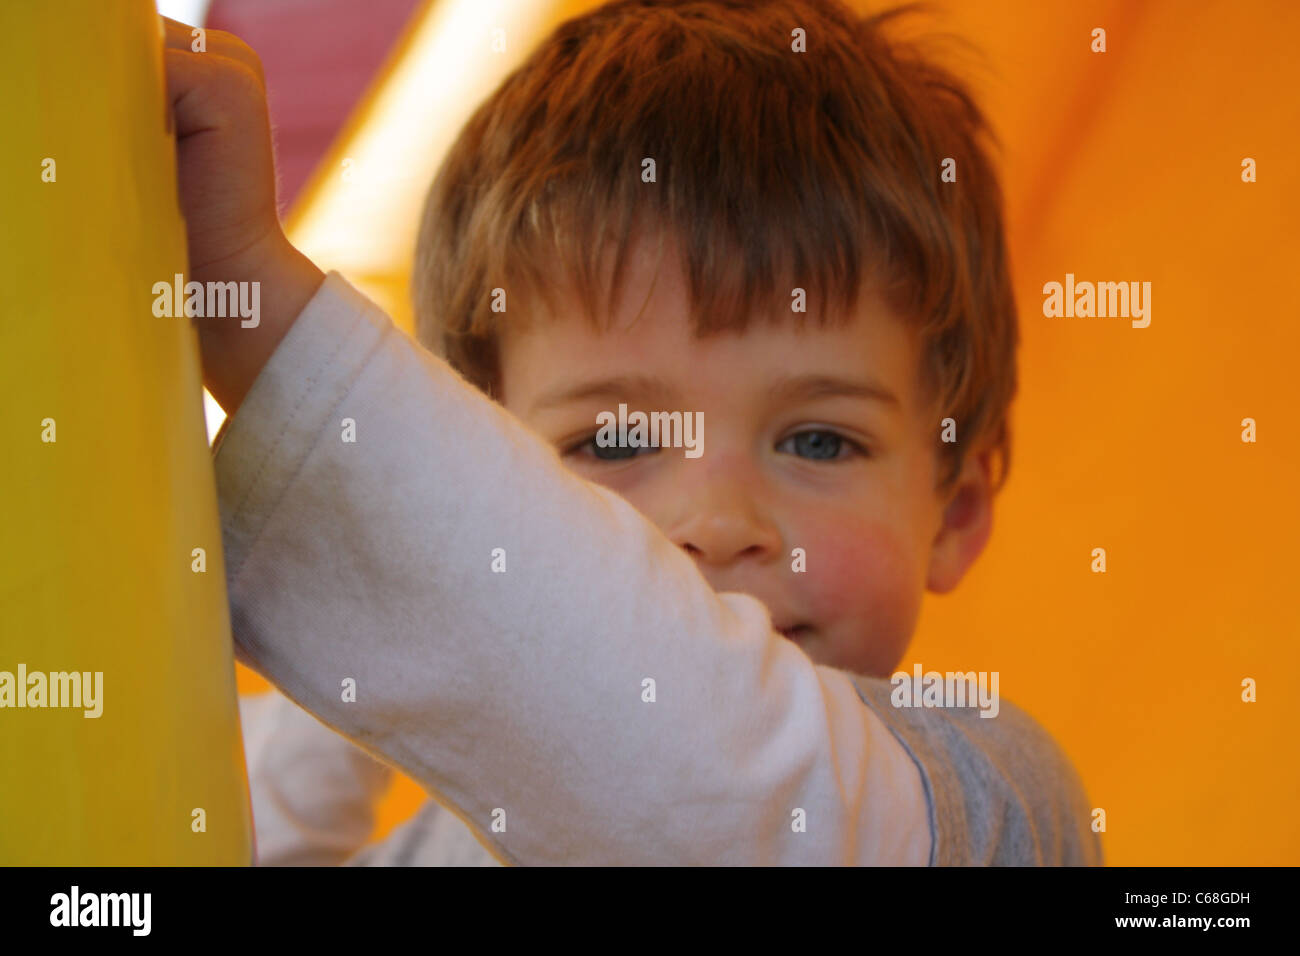 Junge, eine Pause auf einer Hüpfburg Stockbild